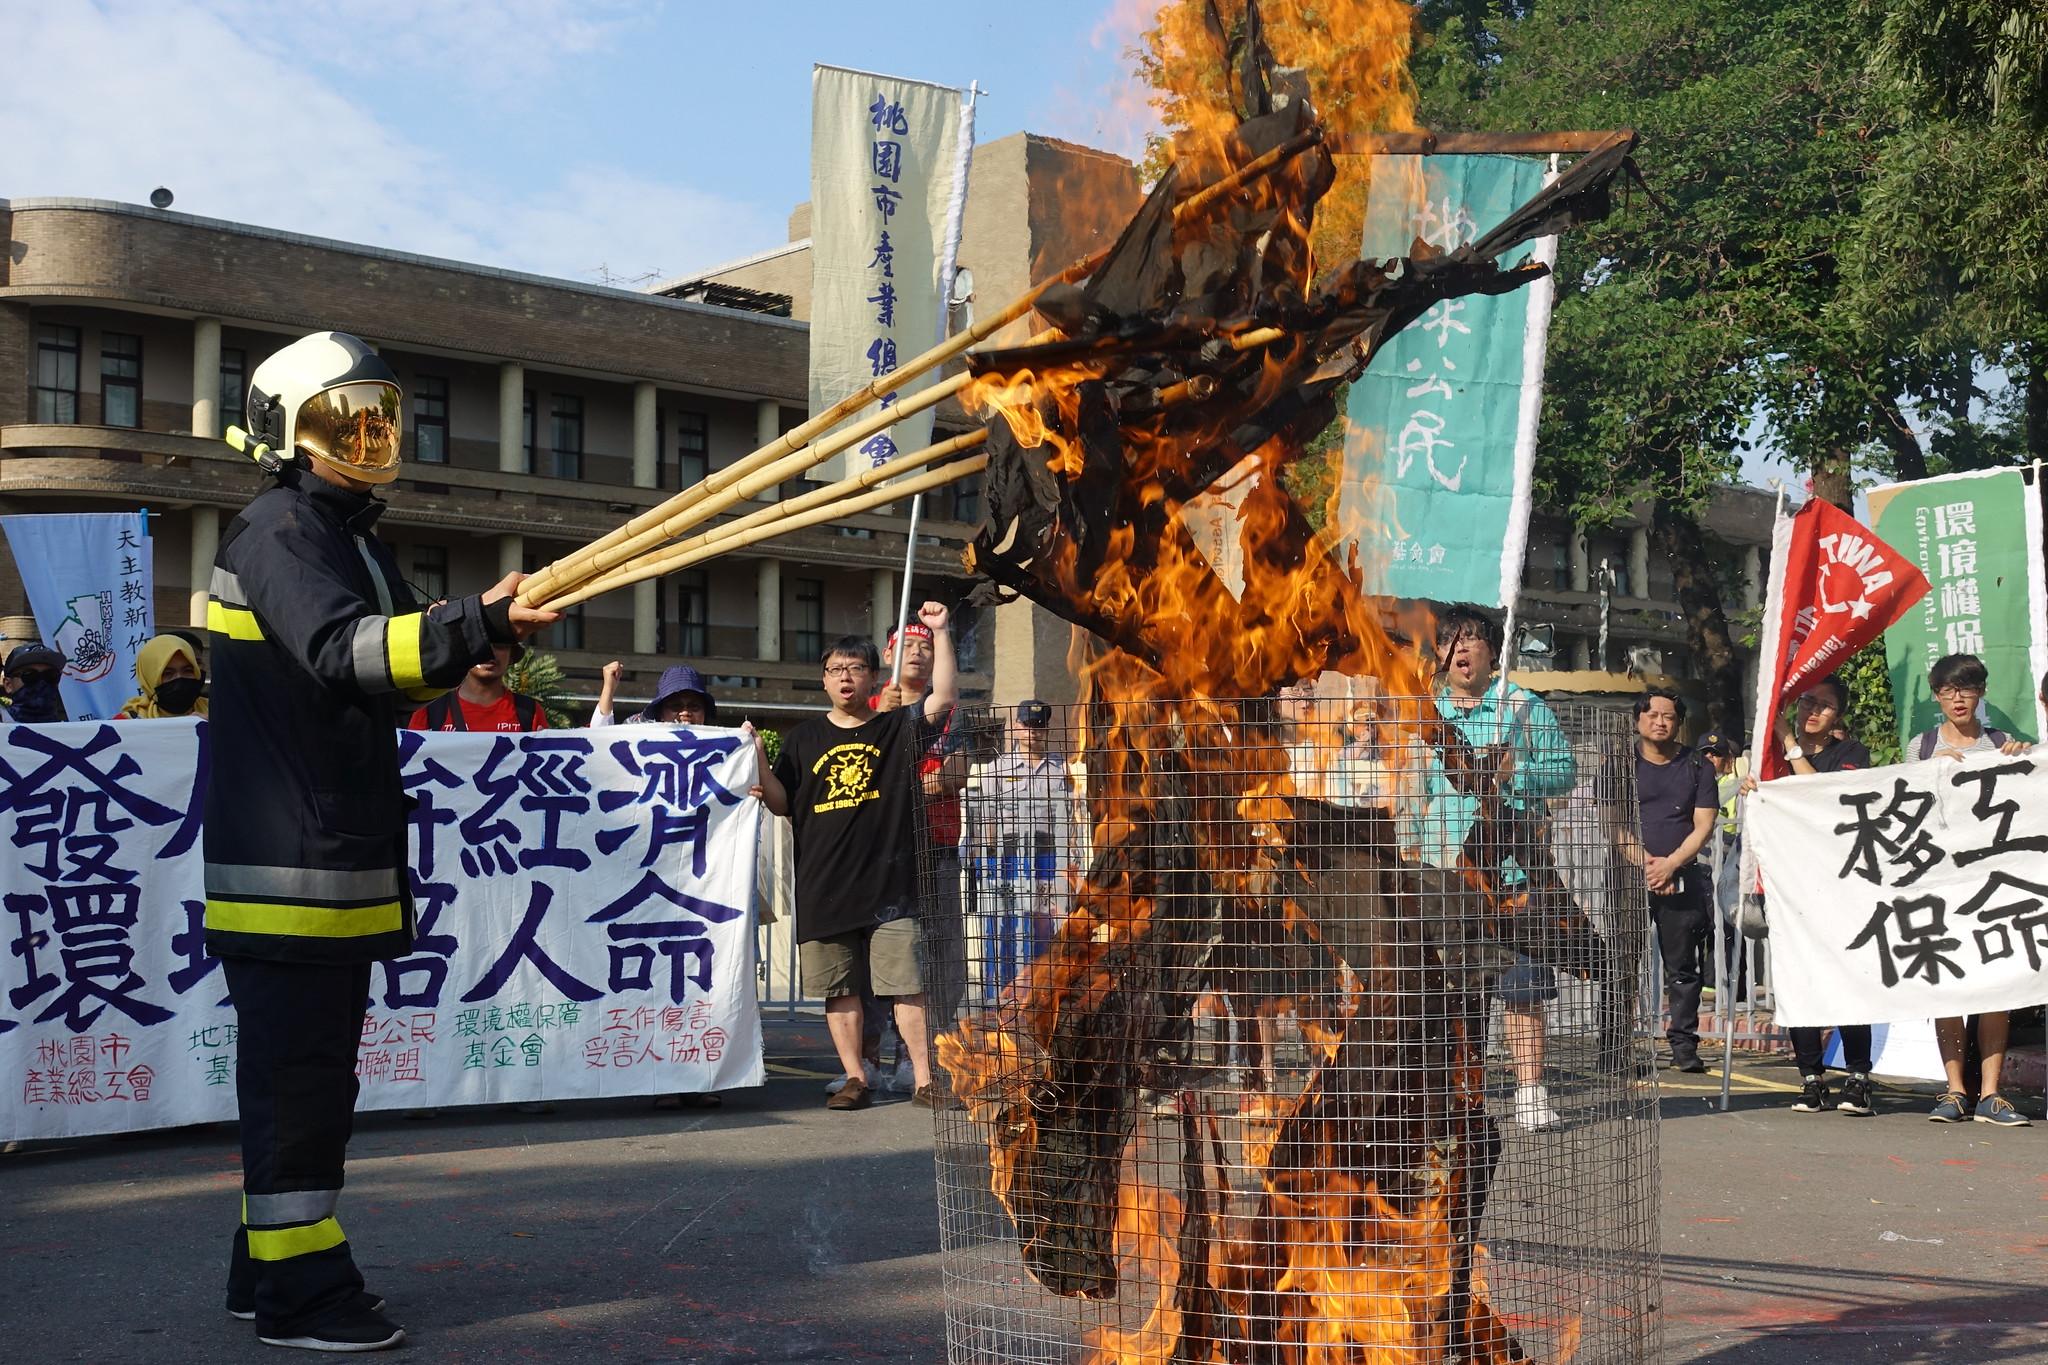 游行群众在行政院焚烧旗帜。(摄影:张智琦)